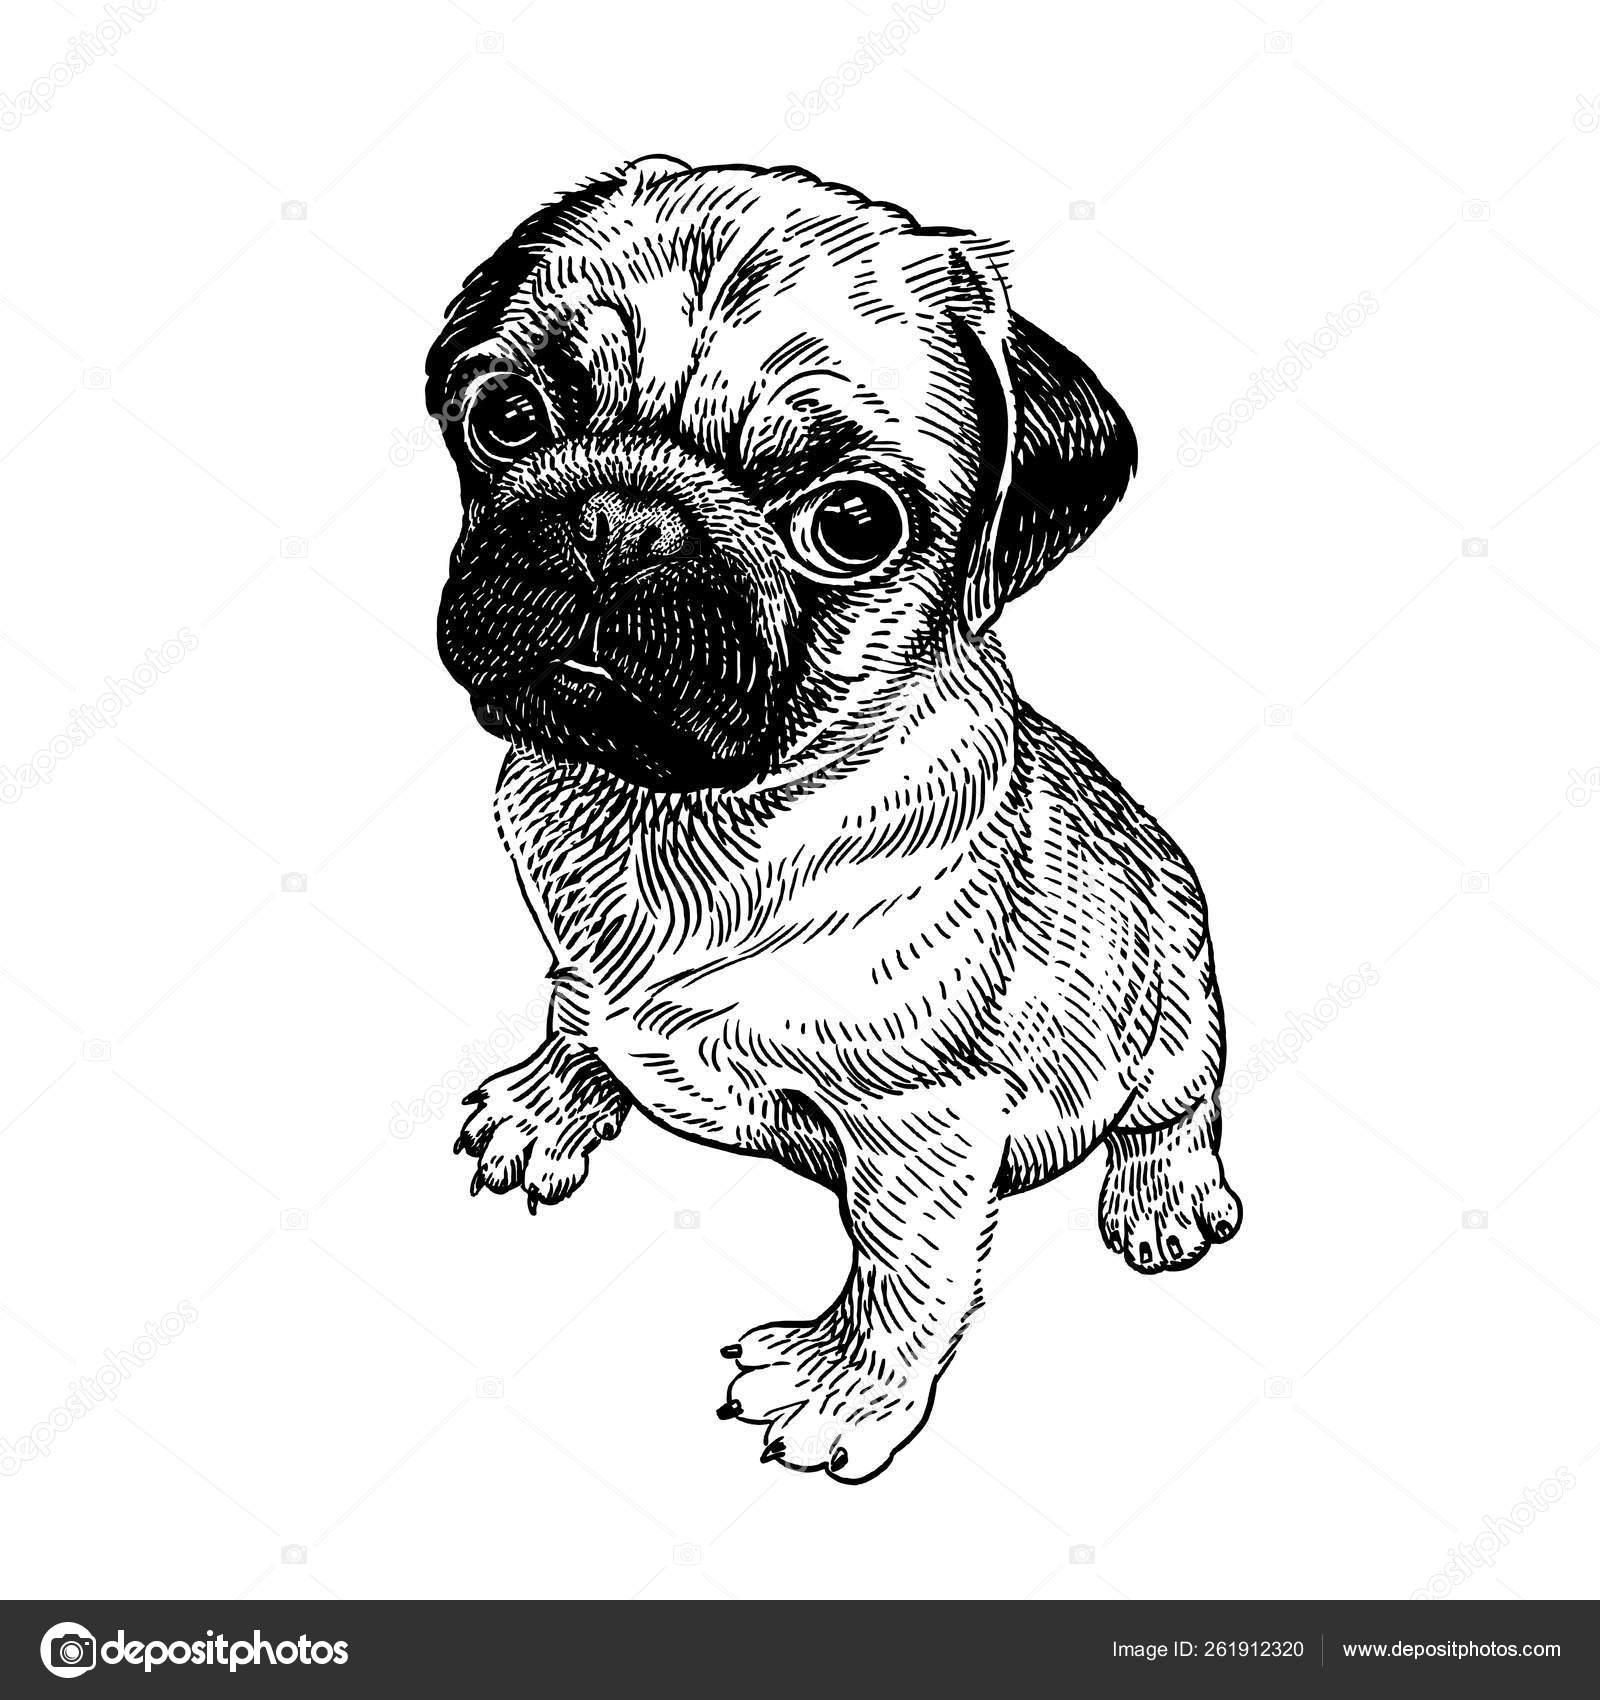 Disegno Cane Bianco E Nero.Cane Pug Cucciolo Carino Disegno A Mano In Bianco E Nero